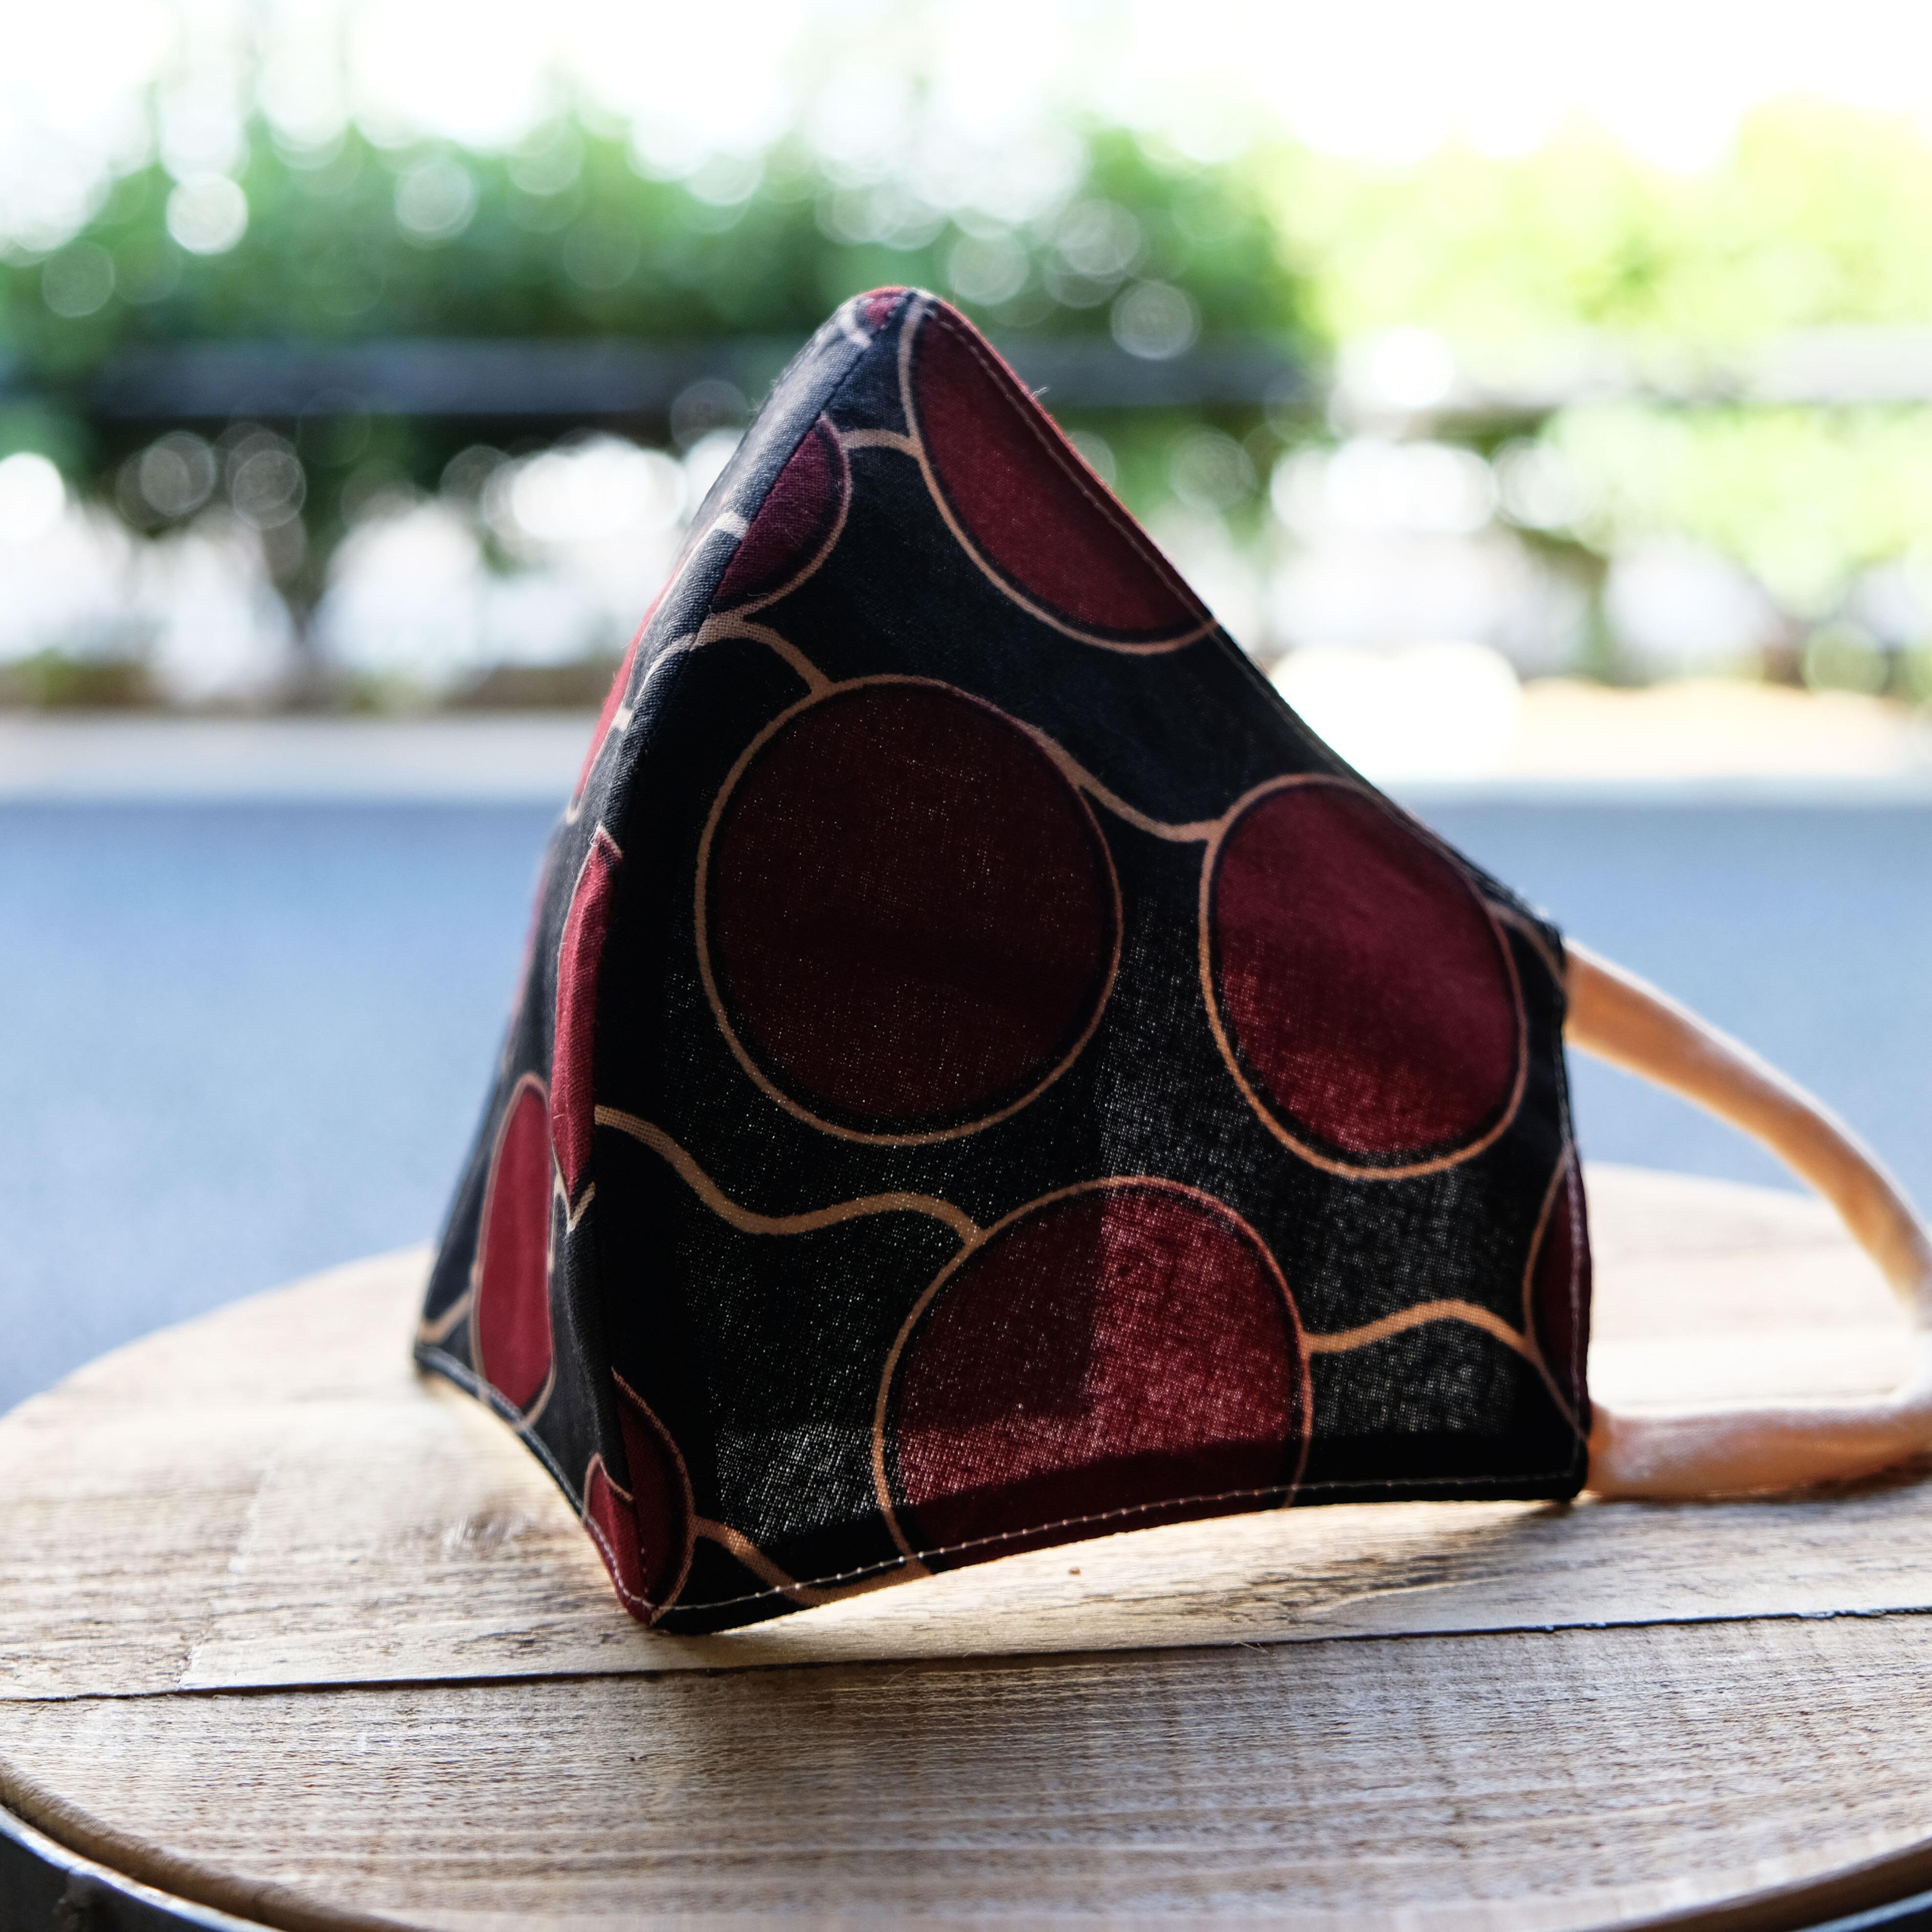 アフリカ布で作った銅繊維シート入りマスク/トンボ